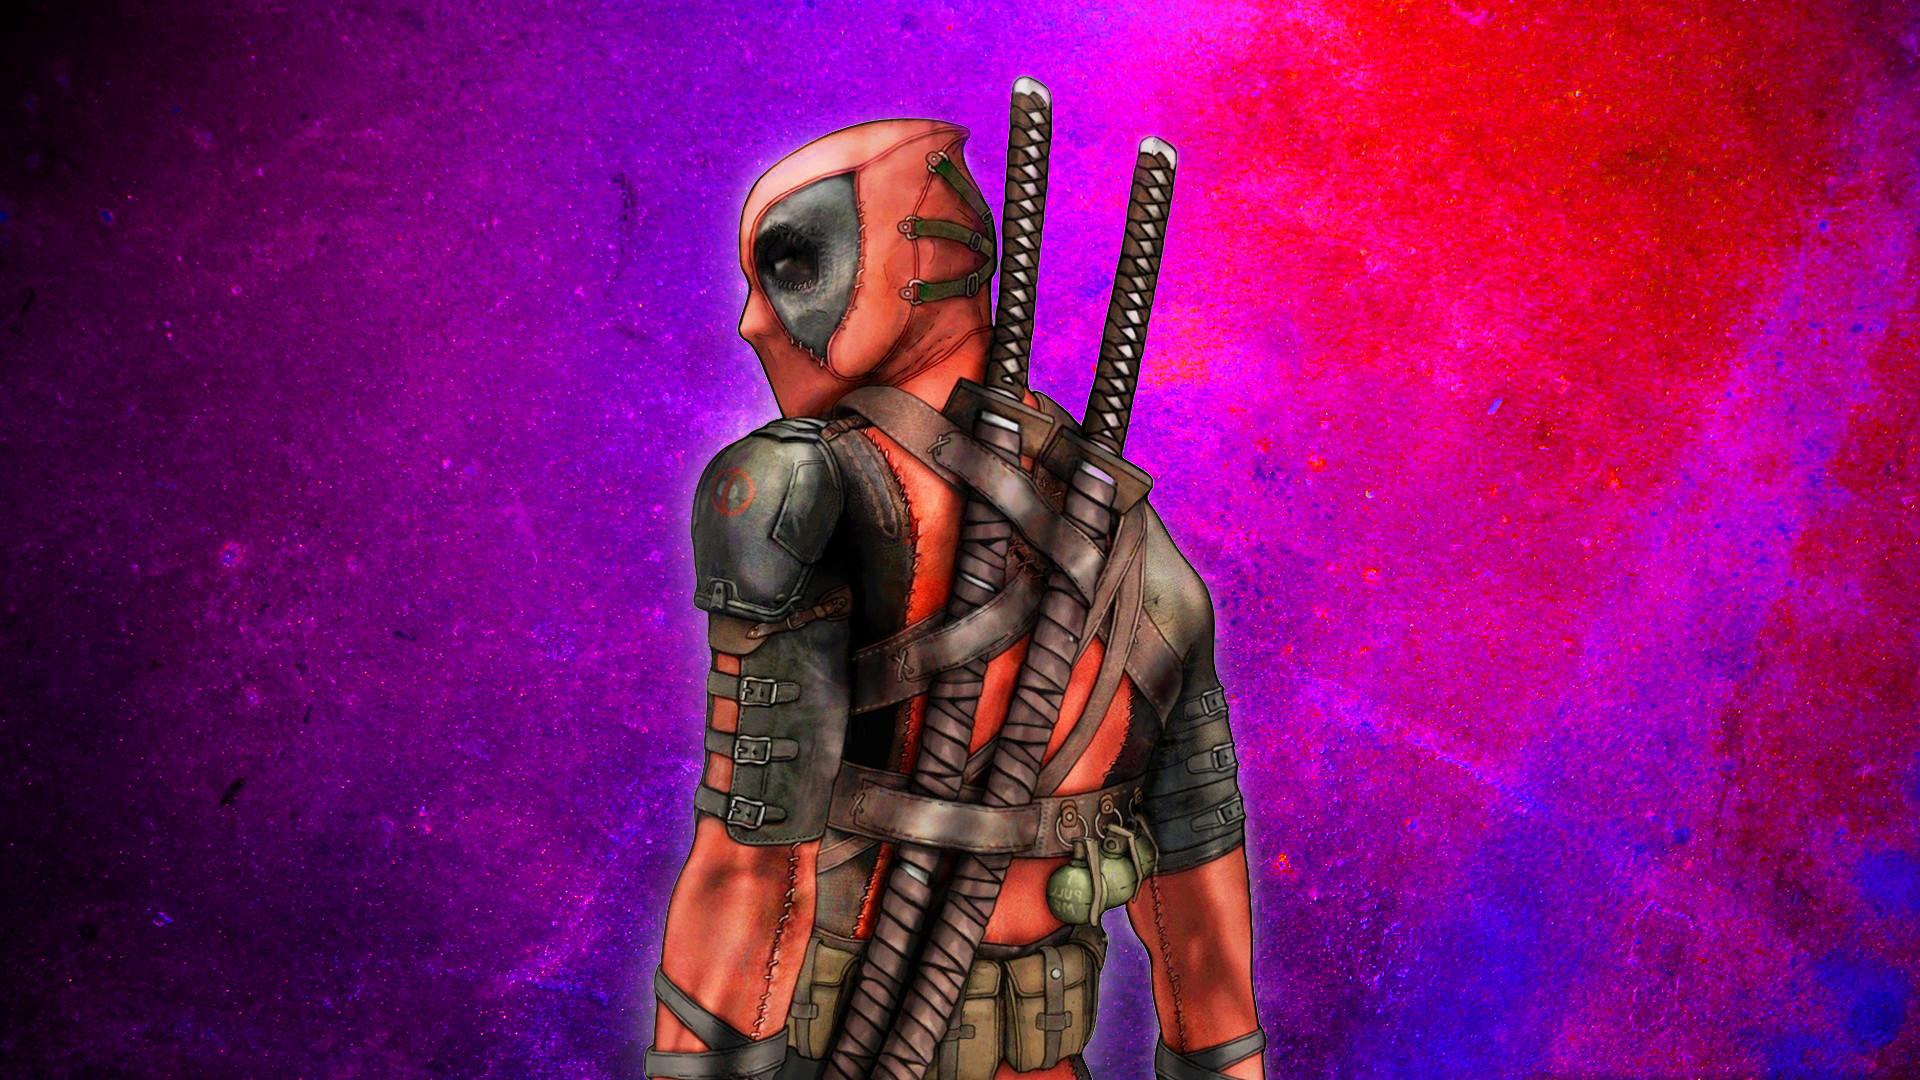 Deadpool Wallpaper HD Comics.